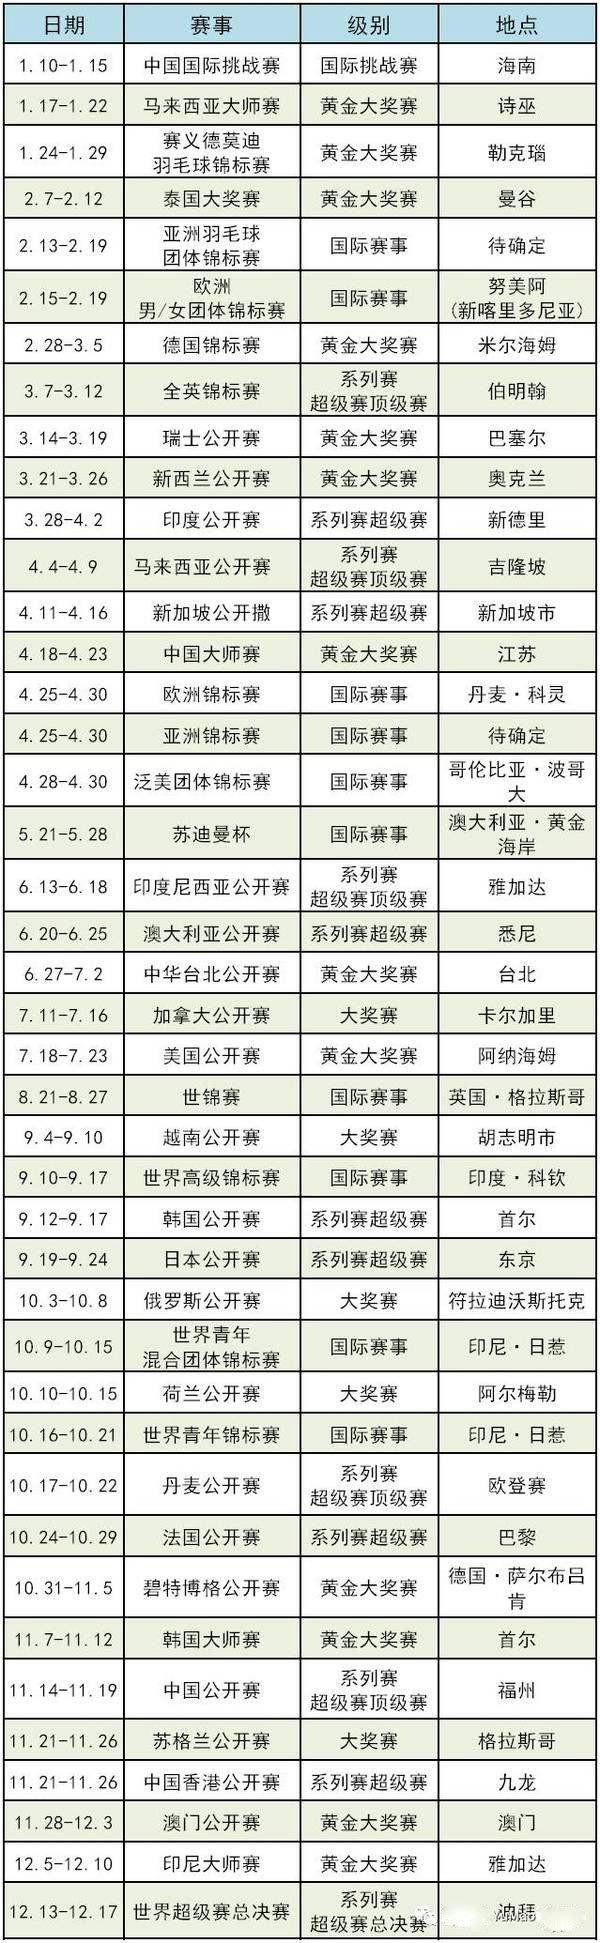 2017年羽毛球比赛赛程表